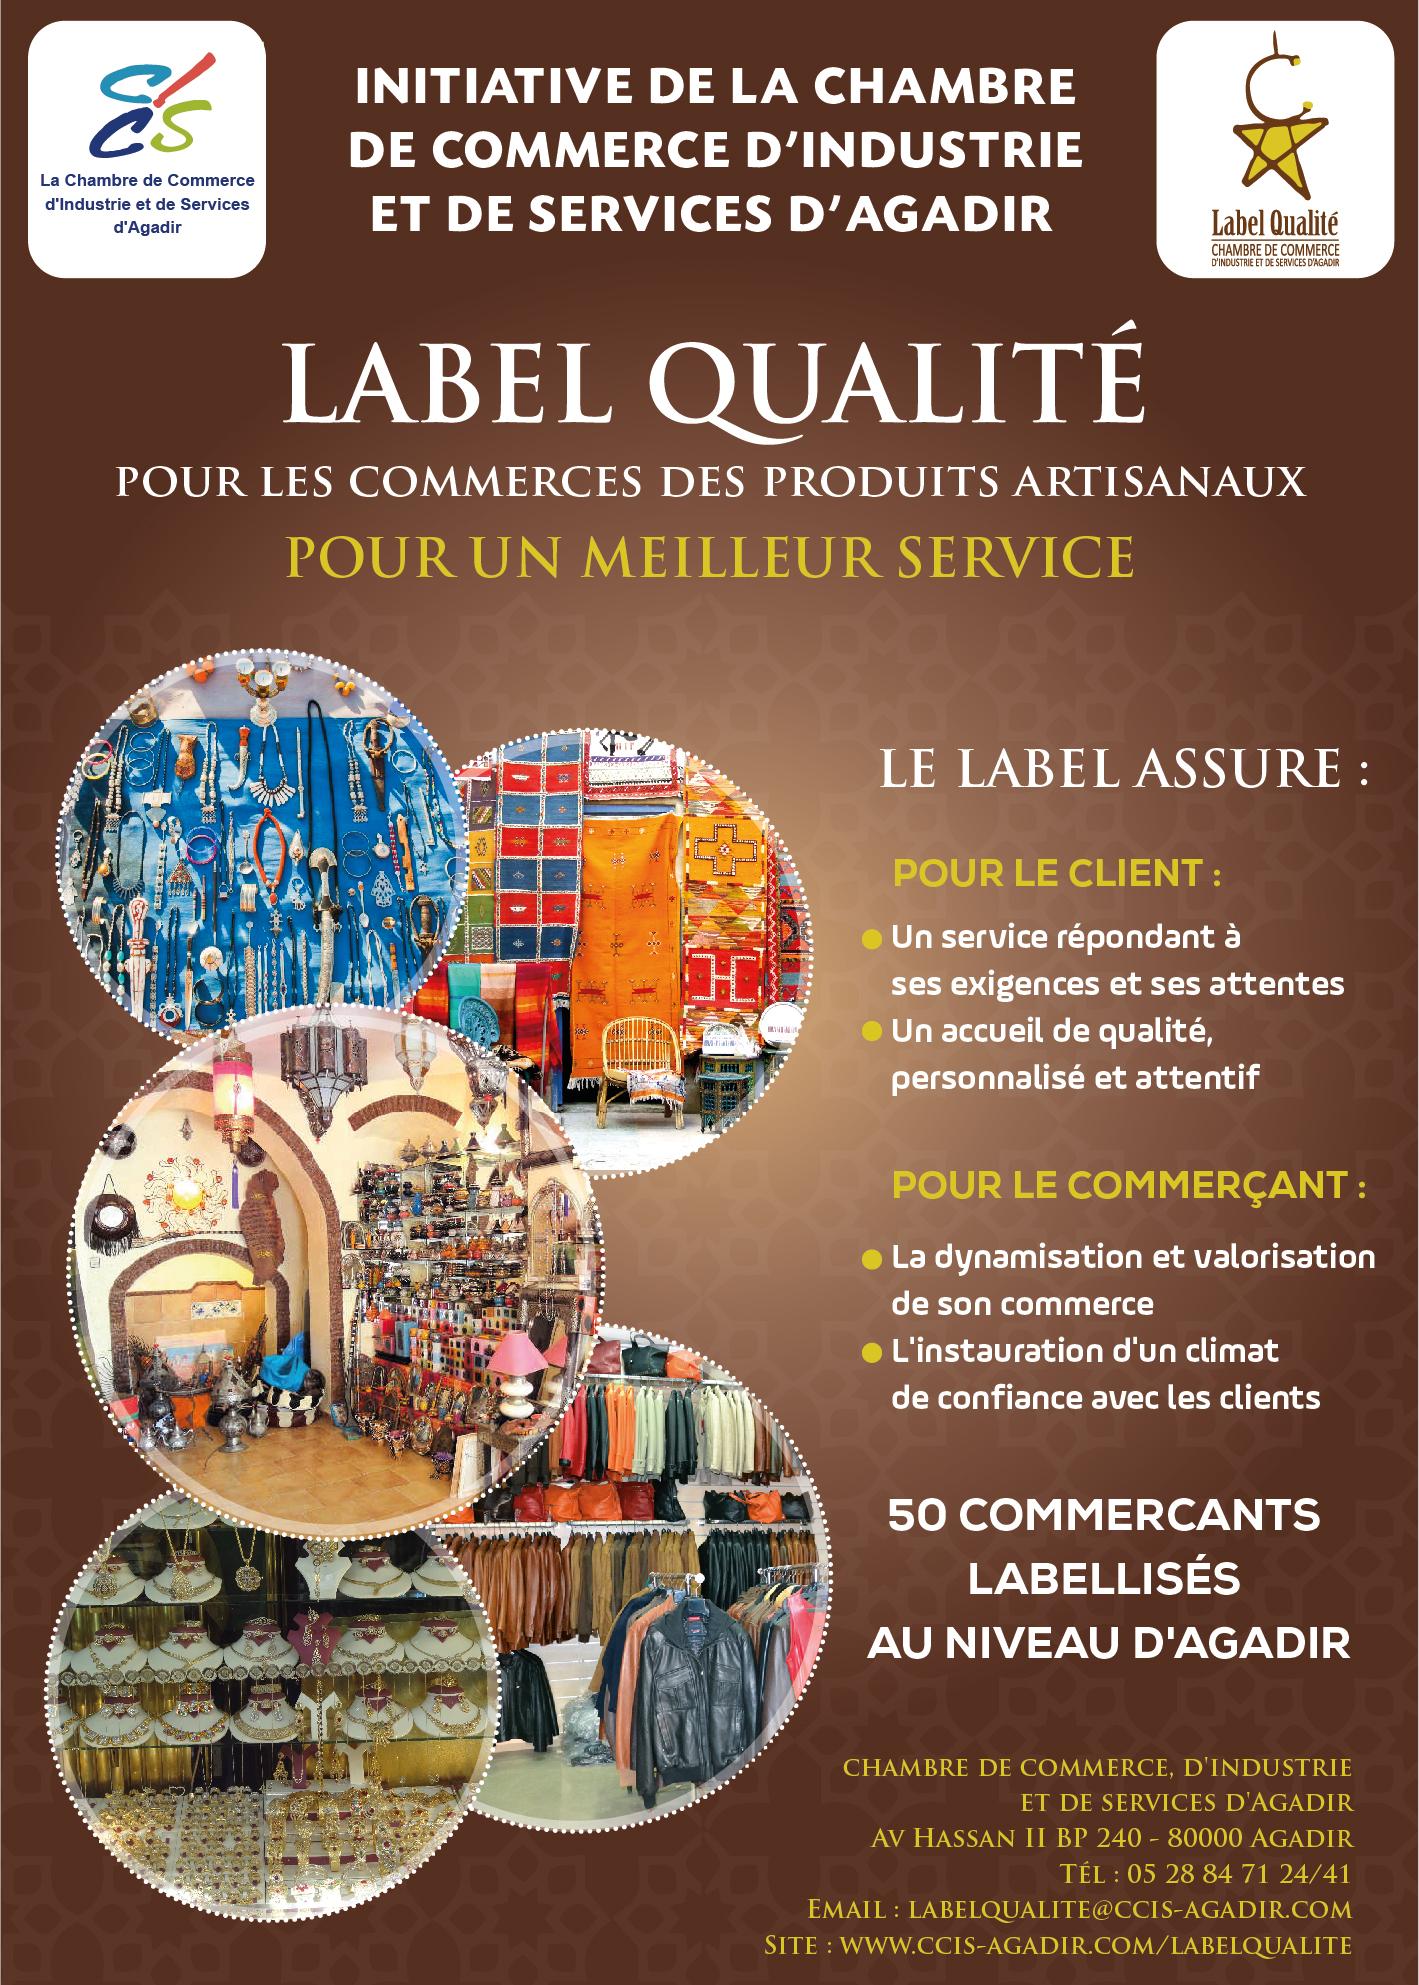 Suite_communique -Chambre de commerce d'industrie et service d'agadir